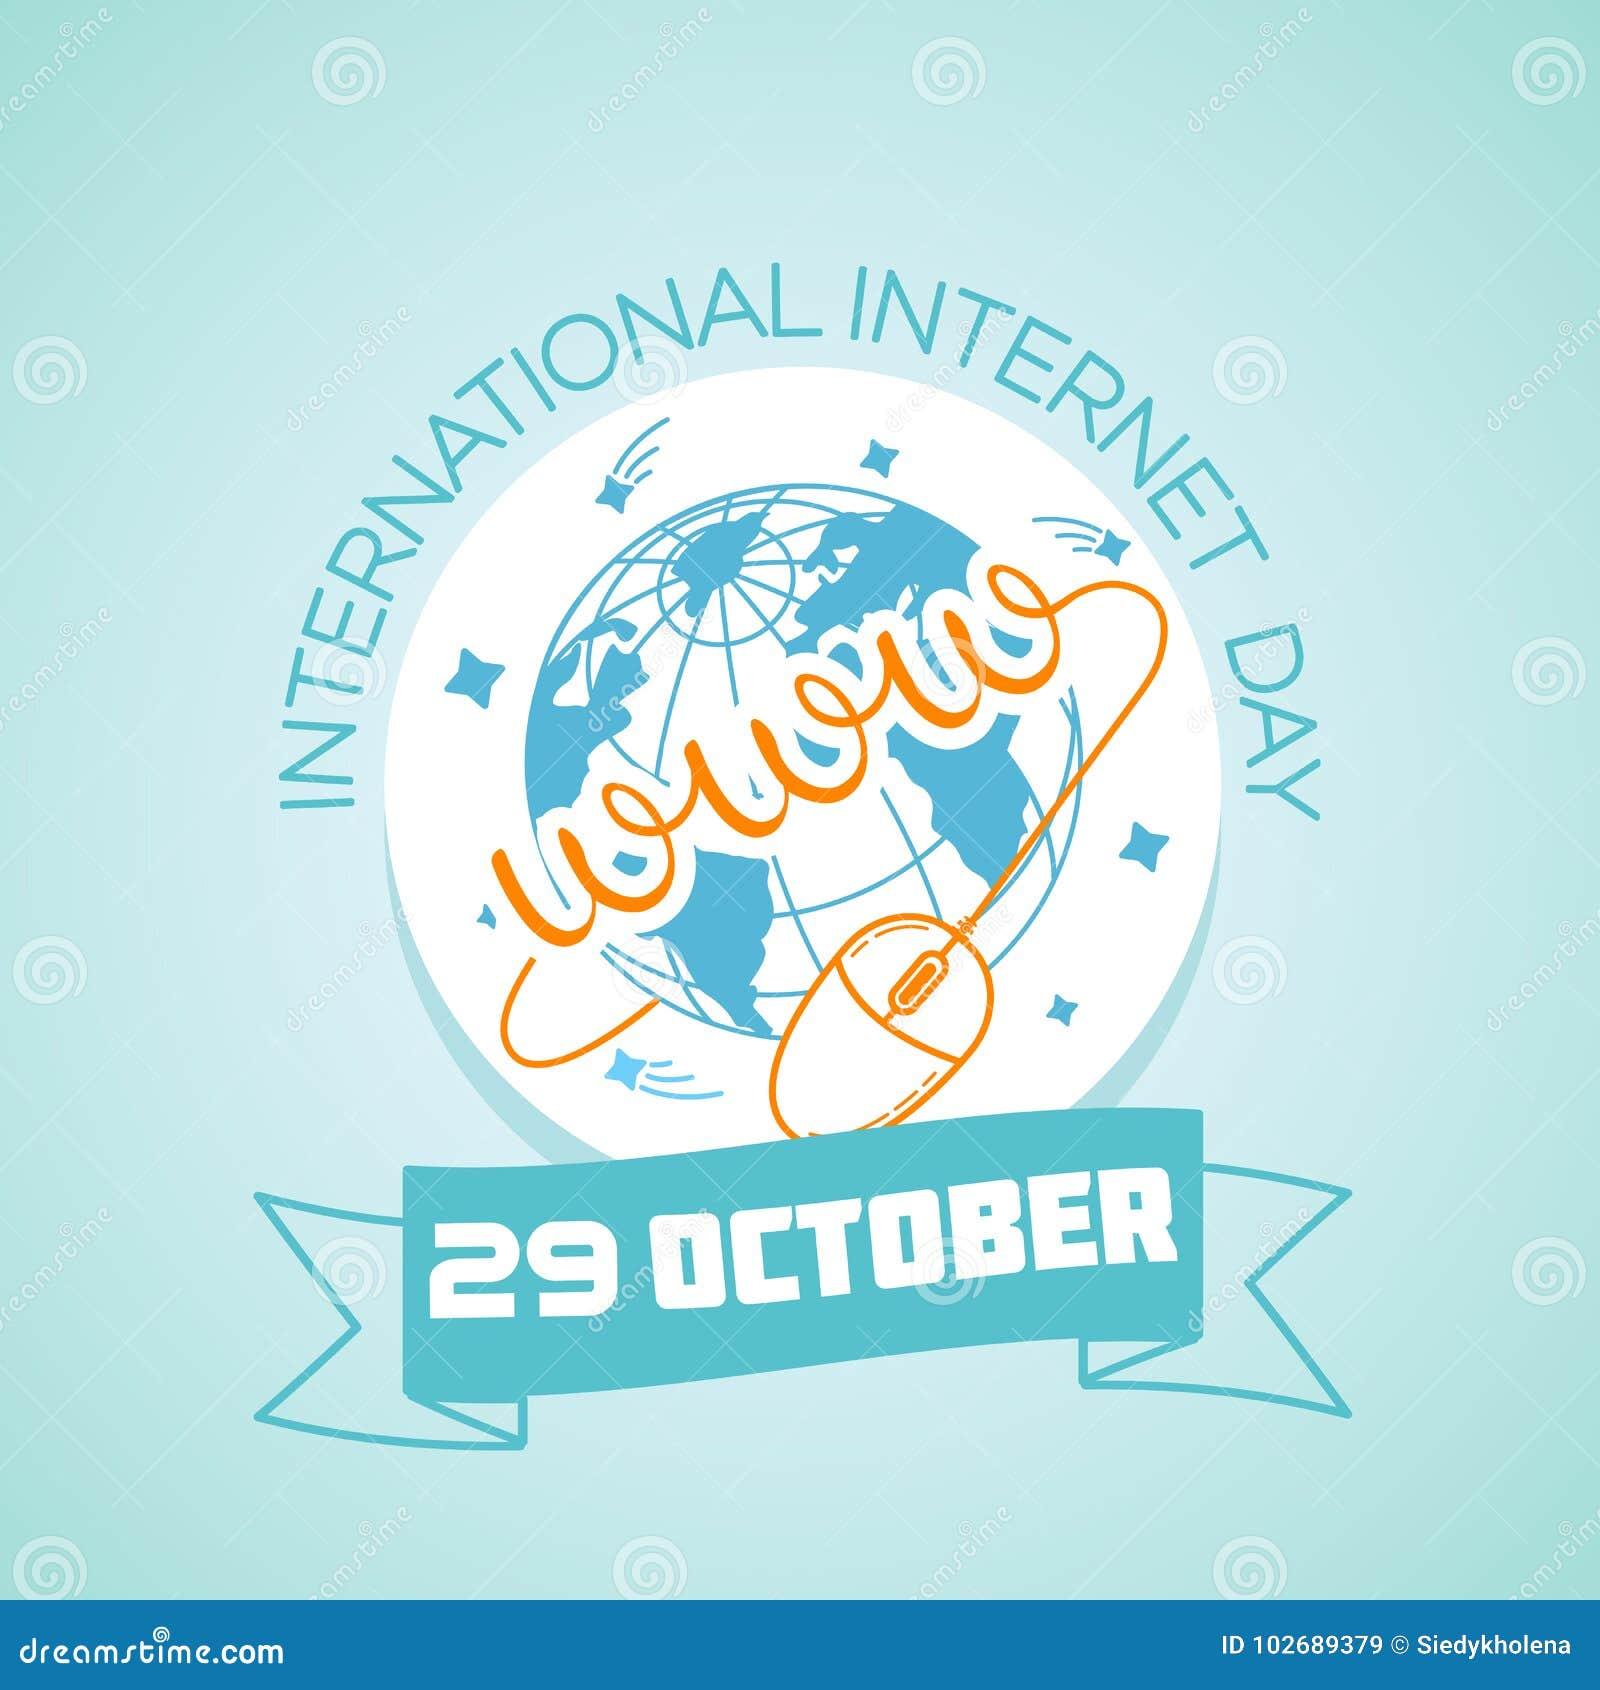 29 October International Internet Day Stock Illustration